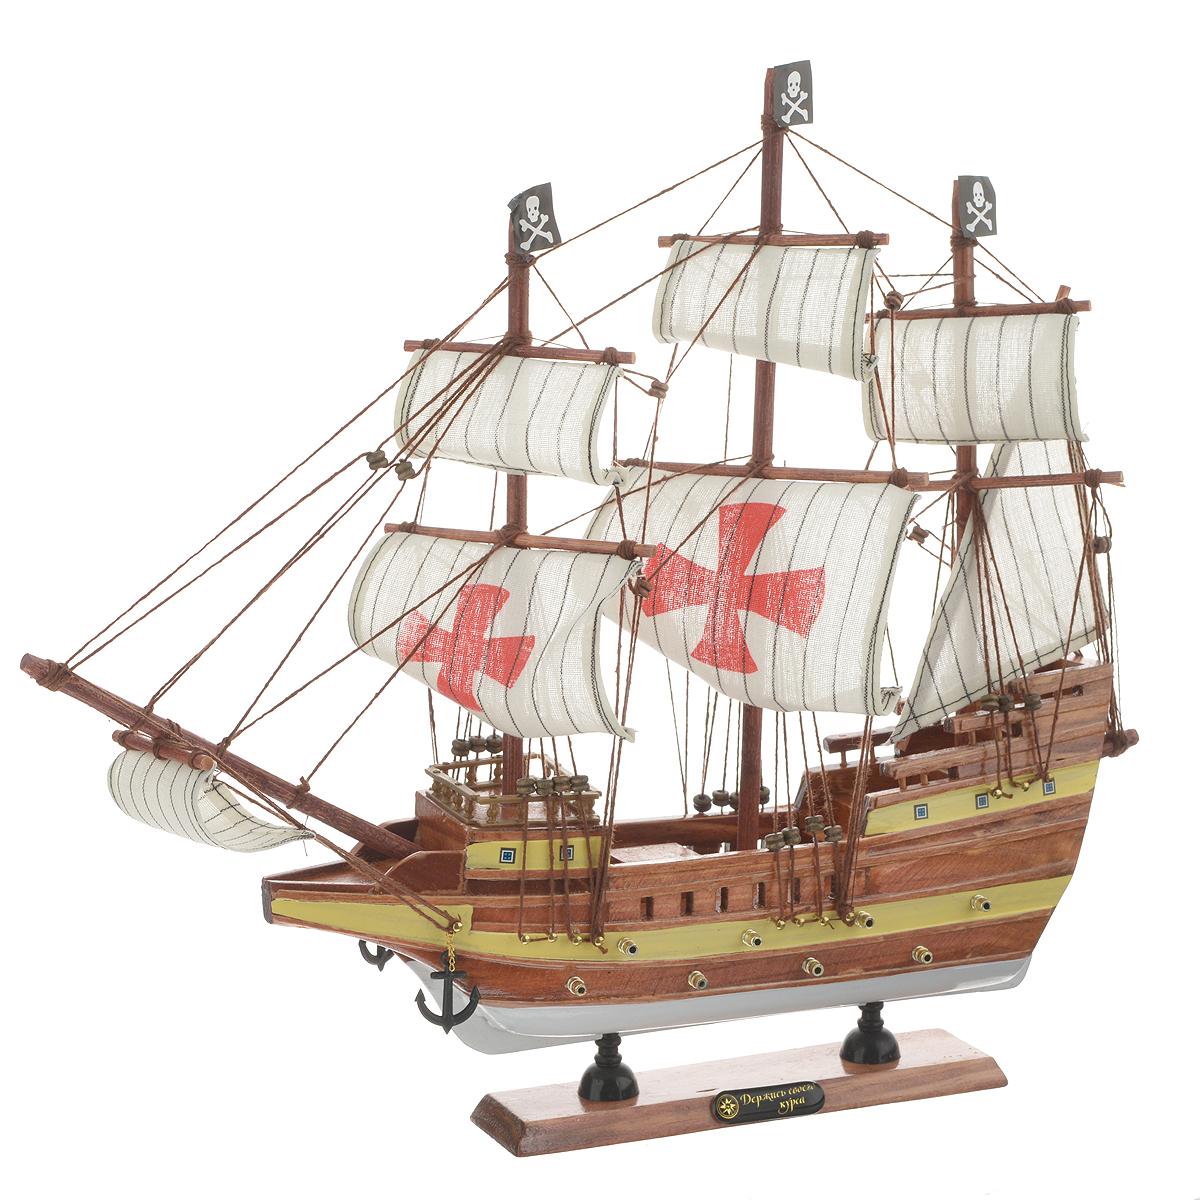 Корабль сувенирный Держись своего курса, длина 40 см417218Сувенирный корабль Держись своего курса, изготовленный из дерева и текстиля, это великолепный элемент декора рабочей зоны в офисе или кабинете. Корабль с парусами и якорями помещен на деревянную подставку. Время идет, и мы становимся свидетелями развития технического прогресса, новых учений и практик. Но одно не подвластно времени - это любовь человека к морю и кораблям. Сувенирный корабль наполнен историей и силой океанских вод. Данная модель кораблика станет отличным подарком для всех любителей морей, поклонников историй о покорении океанов и неизведанных земель. Модель корабля - подарок со смыслом. Издавна на Руси считалось, что корабли приносят удачу и везение. Поэтому их изображения, фигурки и точные копии всегда присутствовали в помещениях. Удивите себя и своих близких необычным презентом.